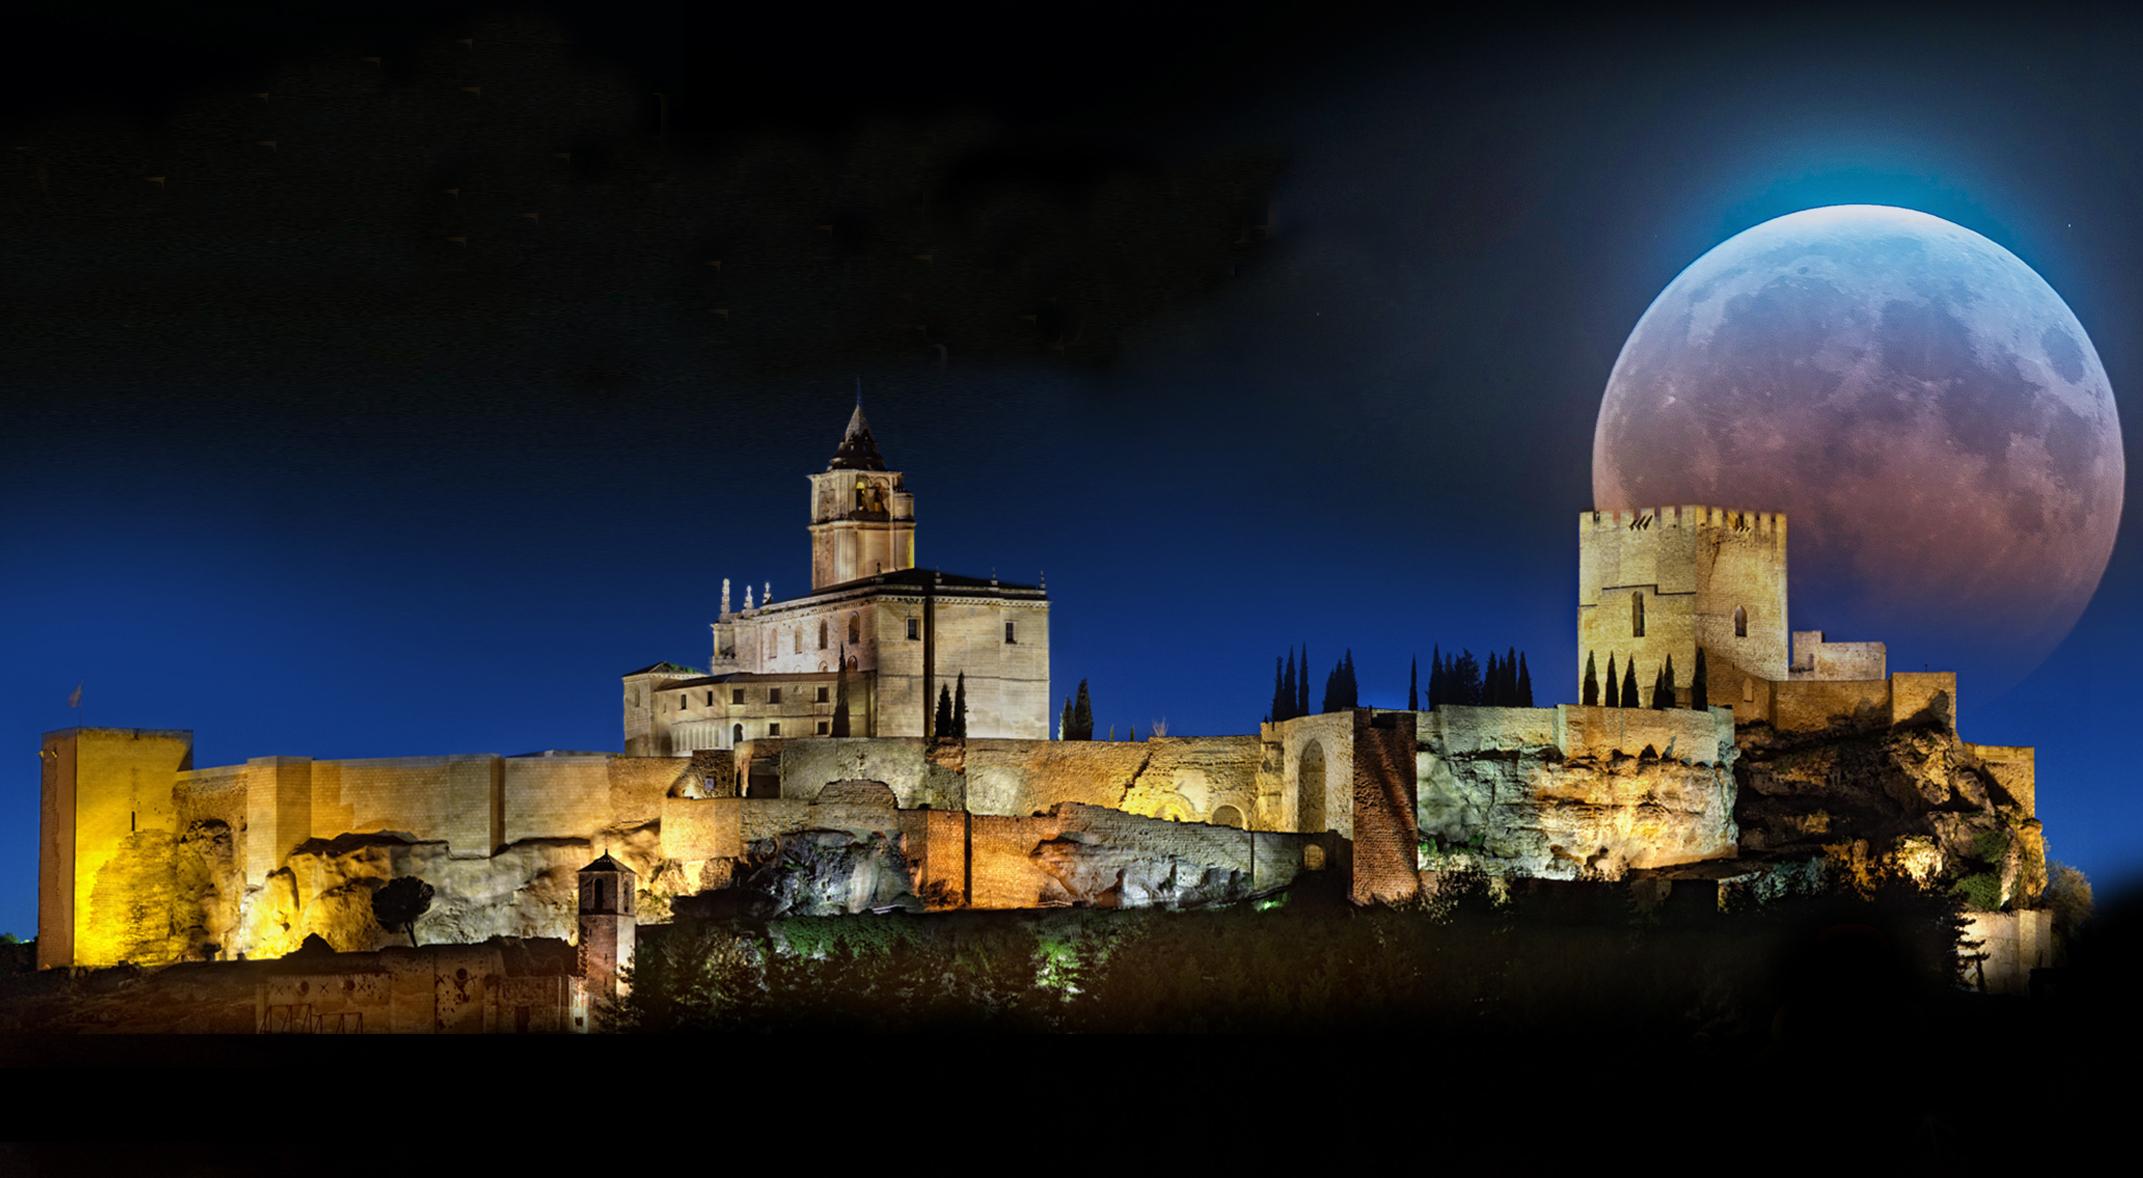 Alcalá Visita gratis La fortaleza de la Mota + otras visitas gratuitas